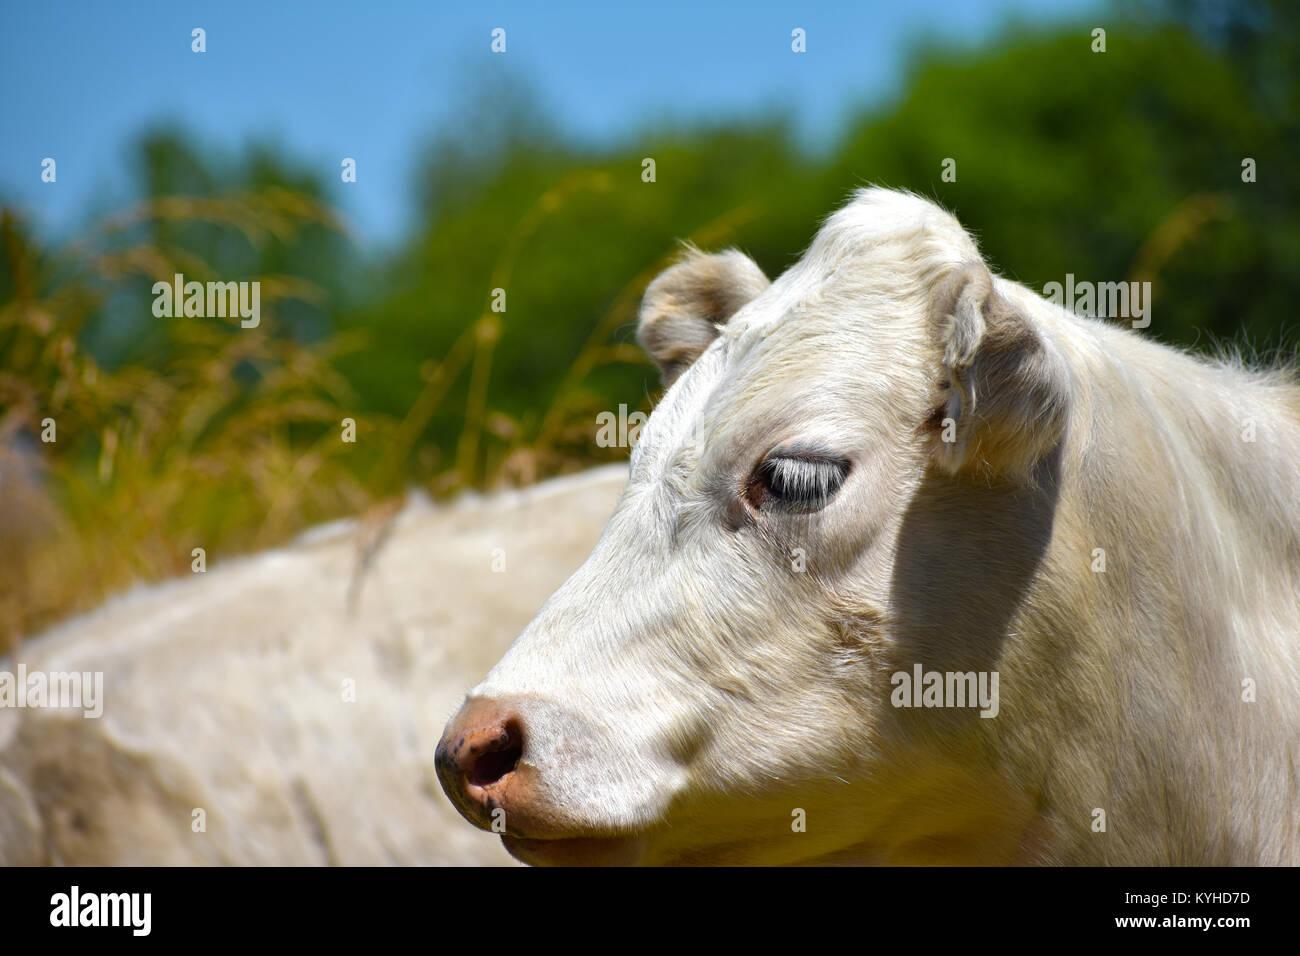 Un bianco di Bull in faccia che mostra il profilo con un morbido sfondo sfocato di alte erbe e alberi sempreverdi. Immagini Stock